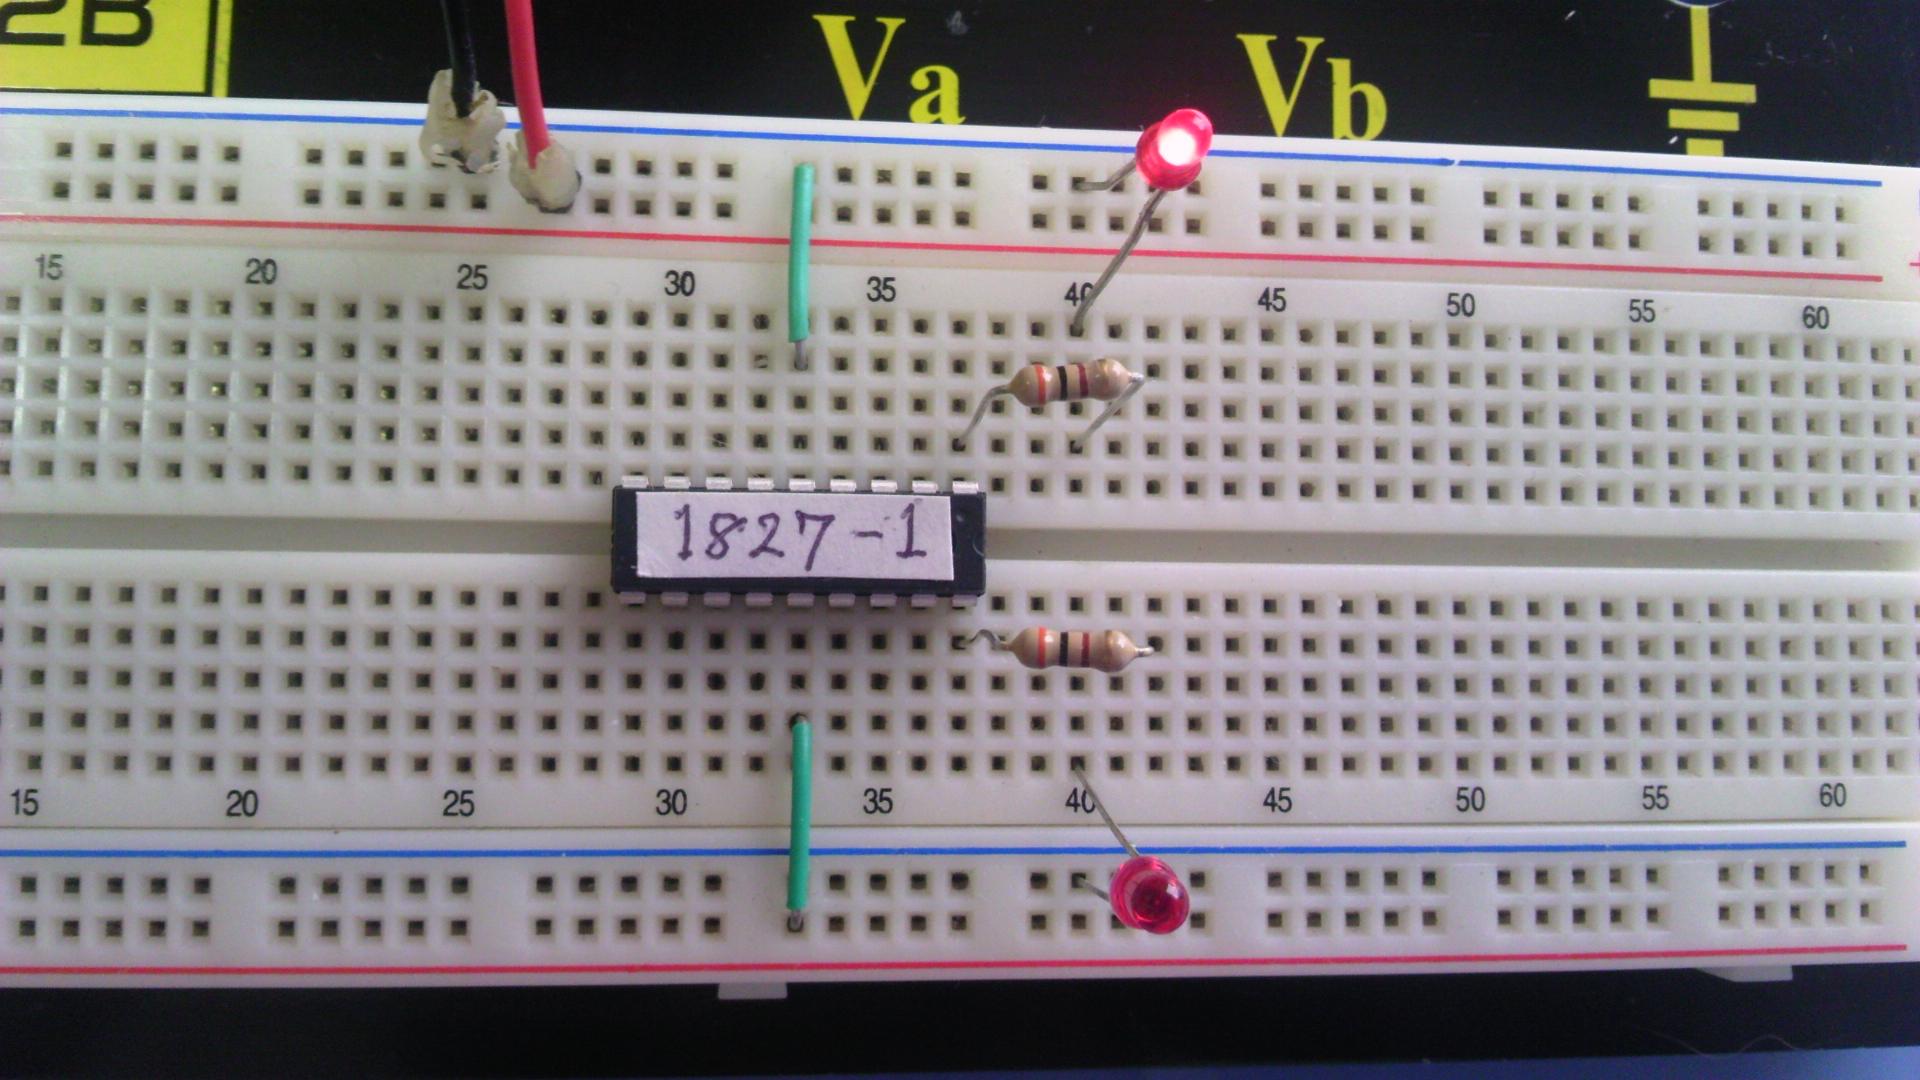 TS3V0020.JPG